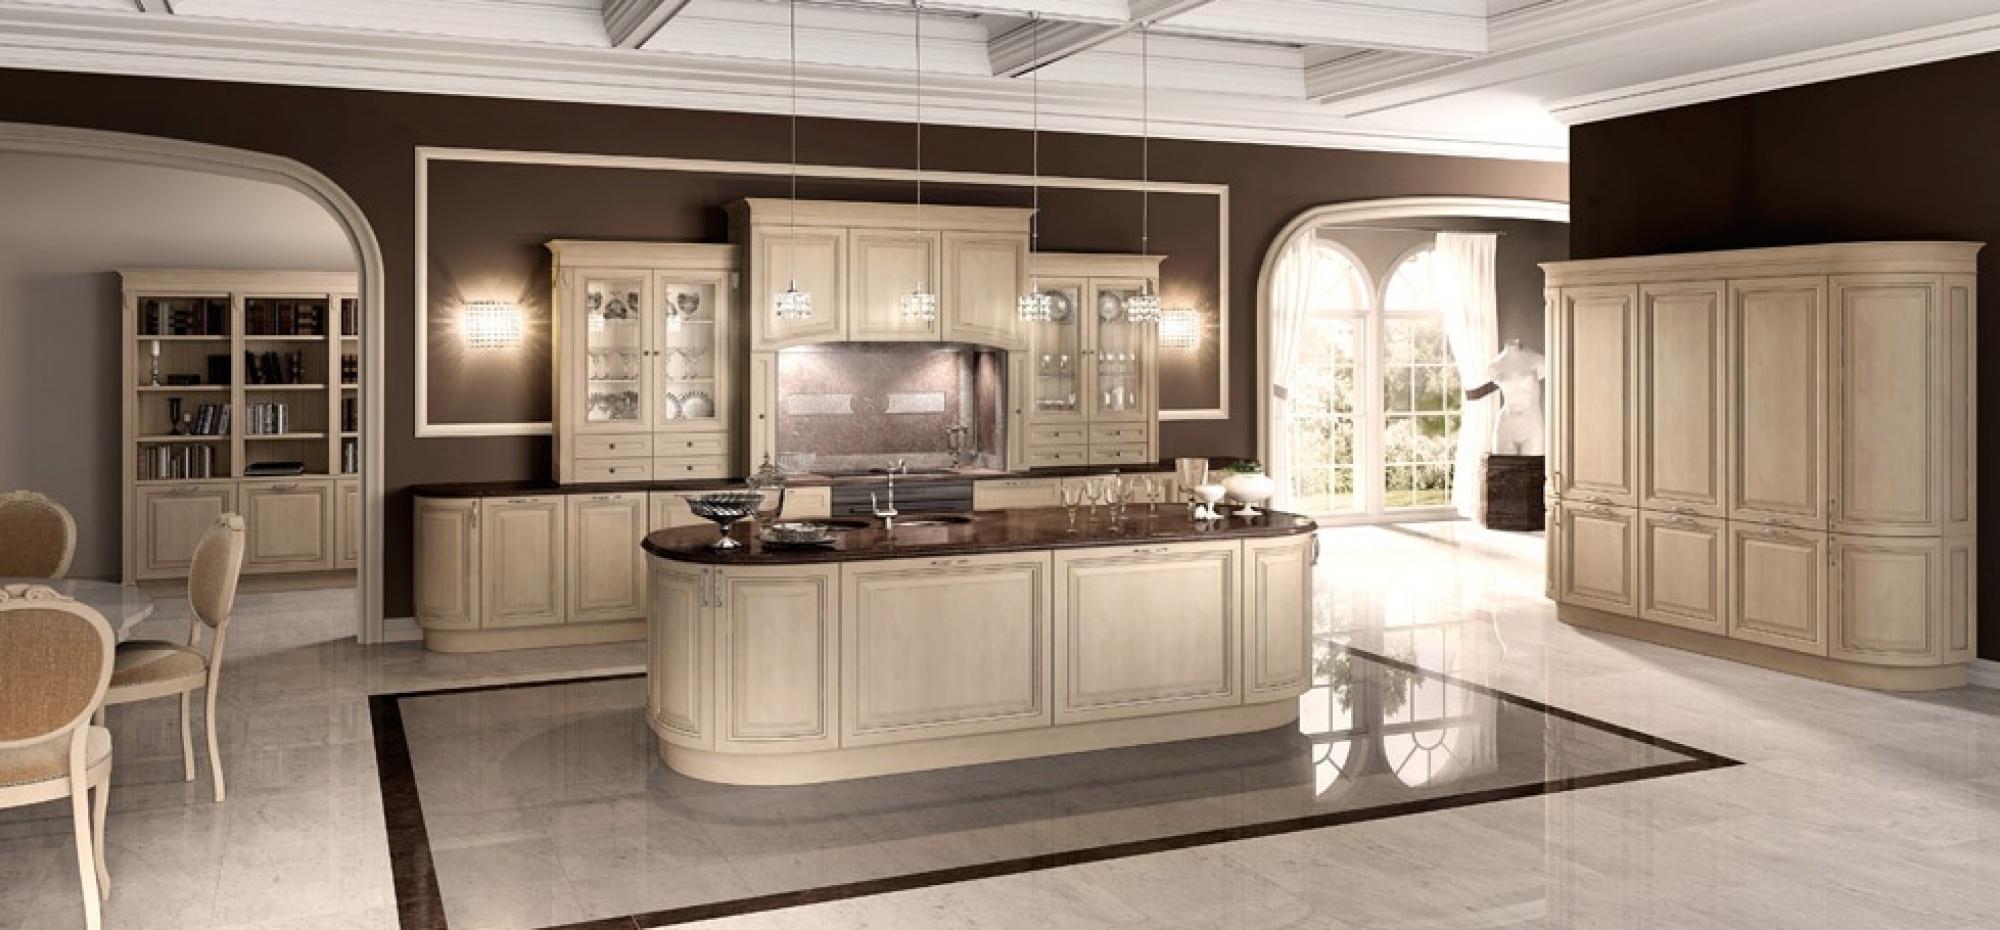 Cucine Berloni cucine berloni classiche : Beautiful Berloni Cucine Classiche Ideas - Skilifts.us - skilifts.us